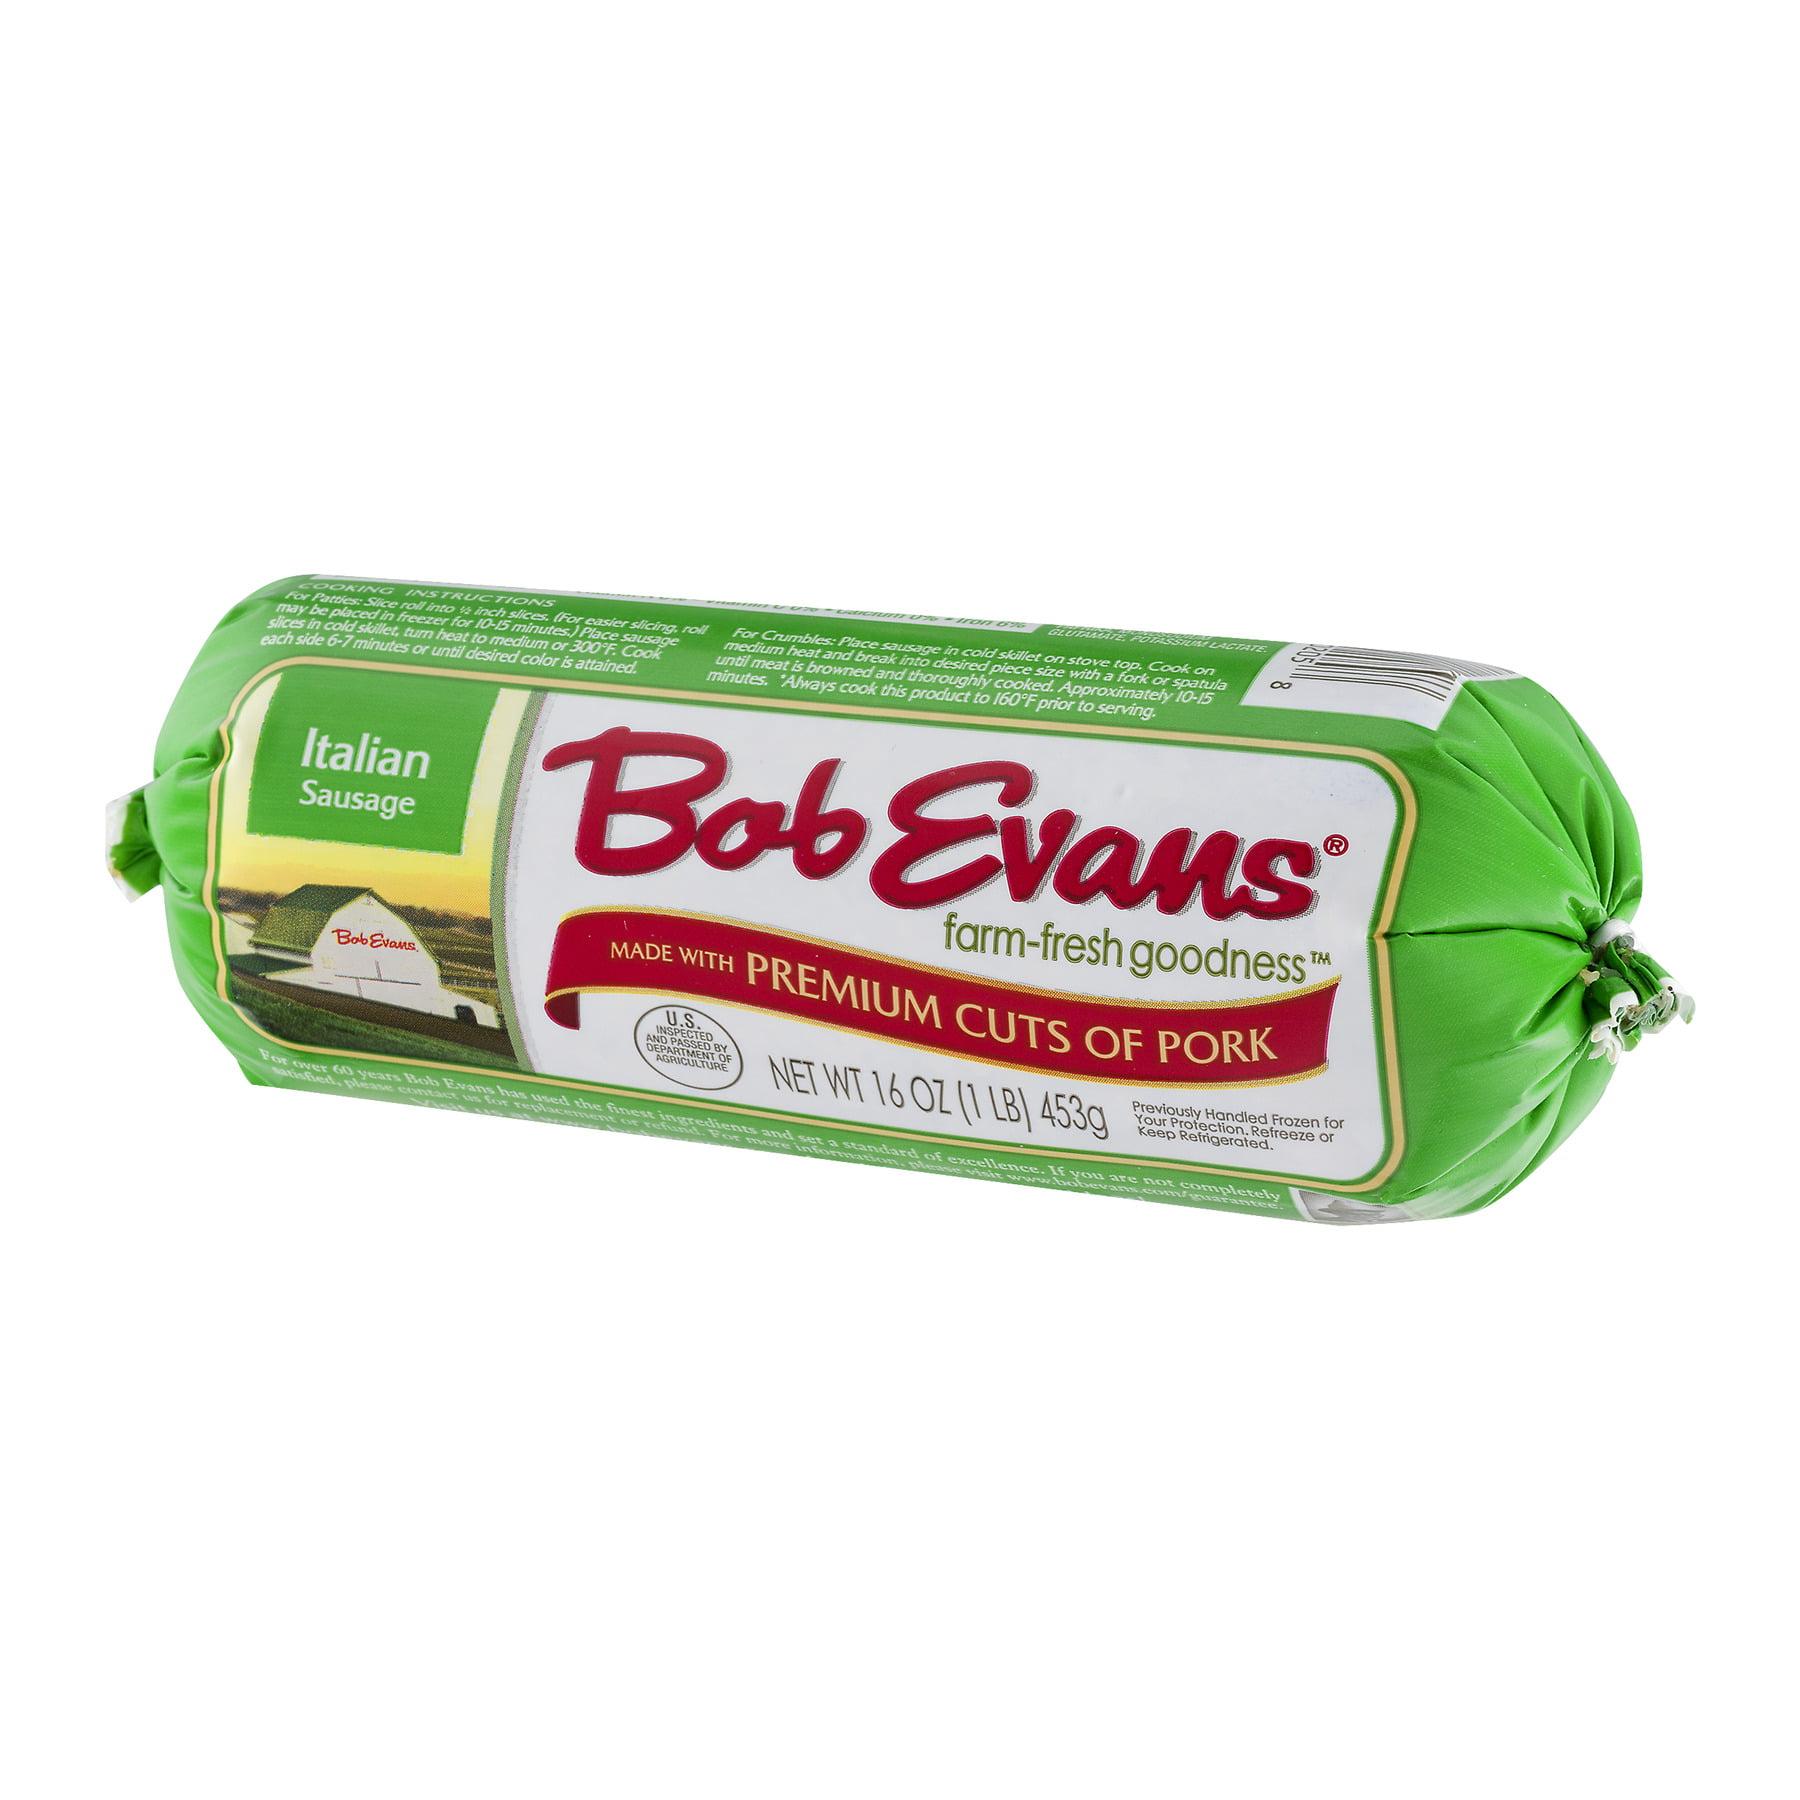 Bob Evans® Italian Sausage 16 oz. Chub - Walmart.com